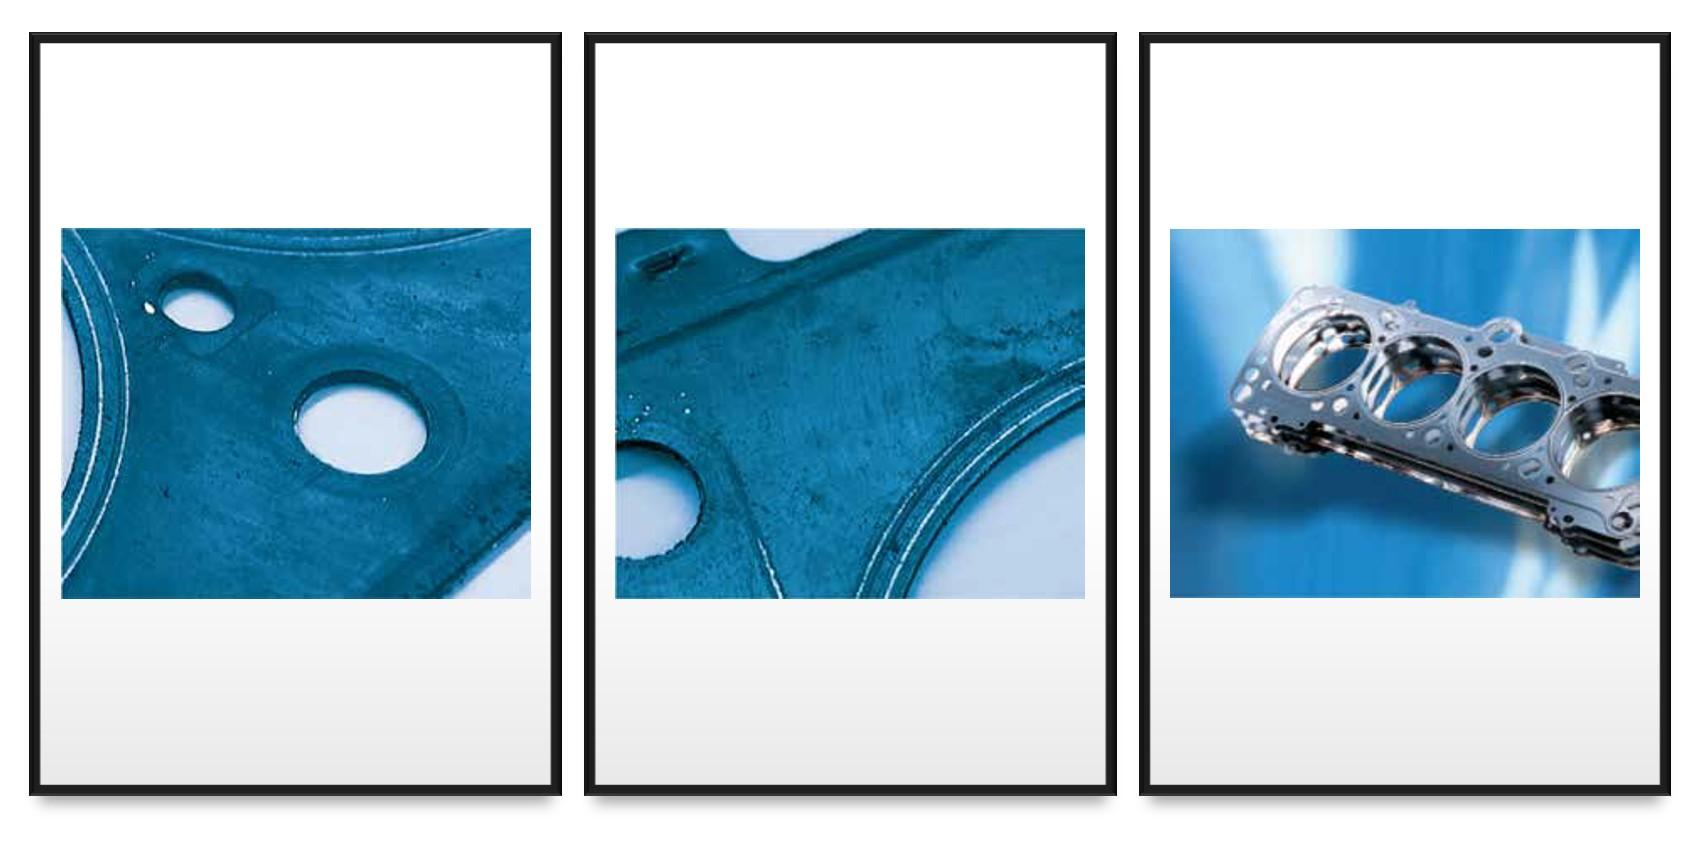 Daugiasluoksnių metalinių cilindrų galvutės tarpinės montavimas.jpg